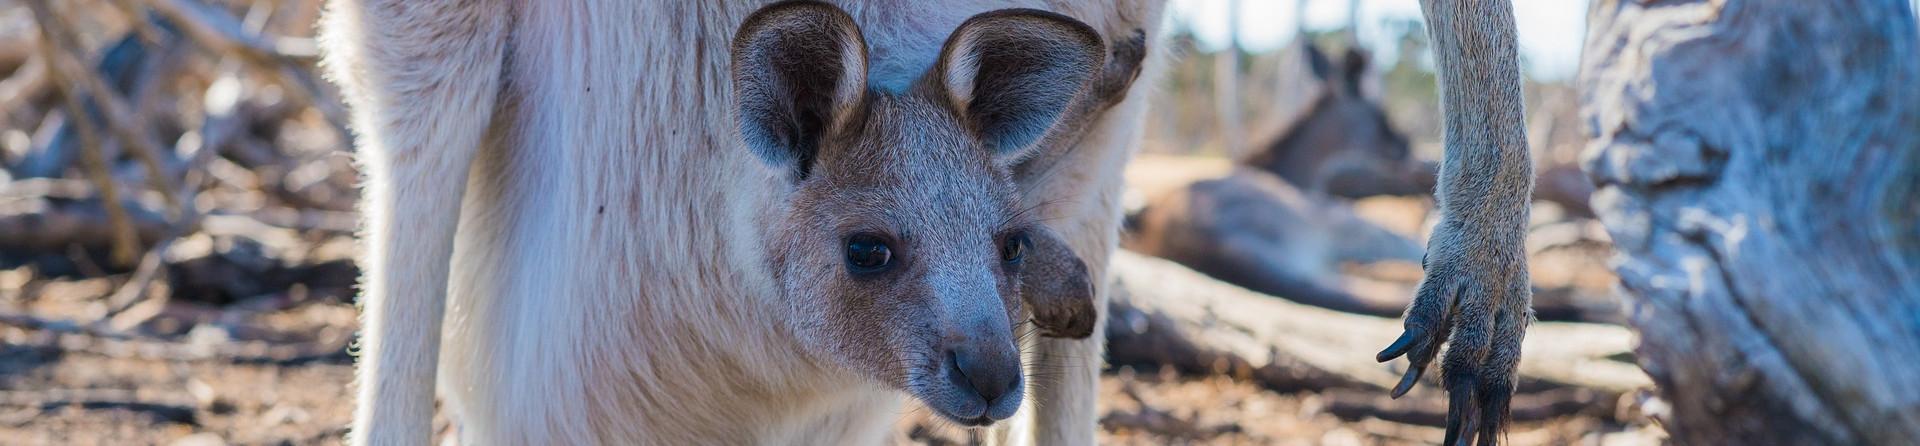 The life cycle of a baby kangaroo